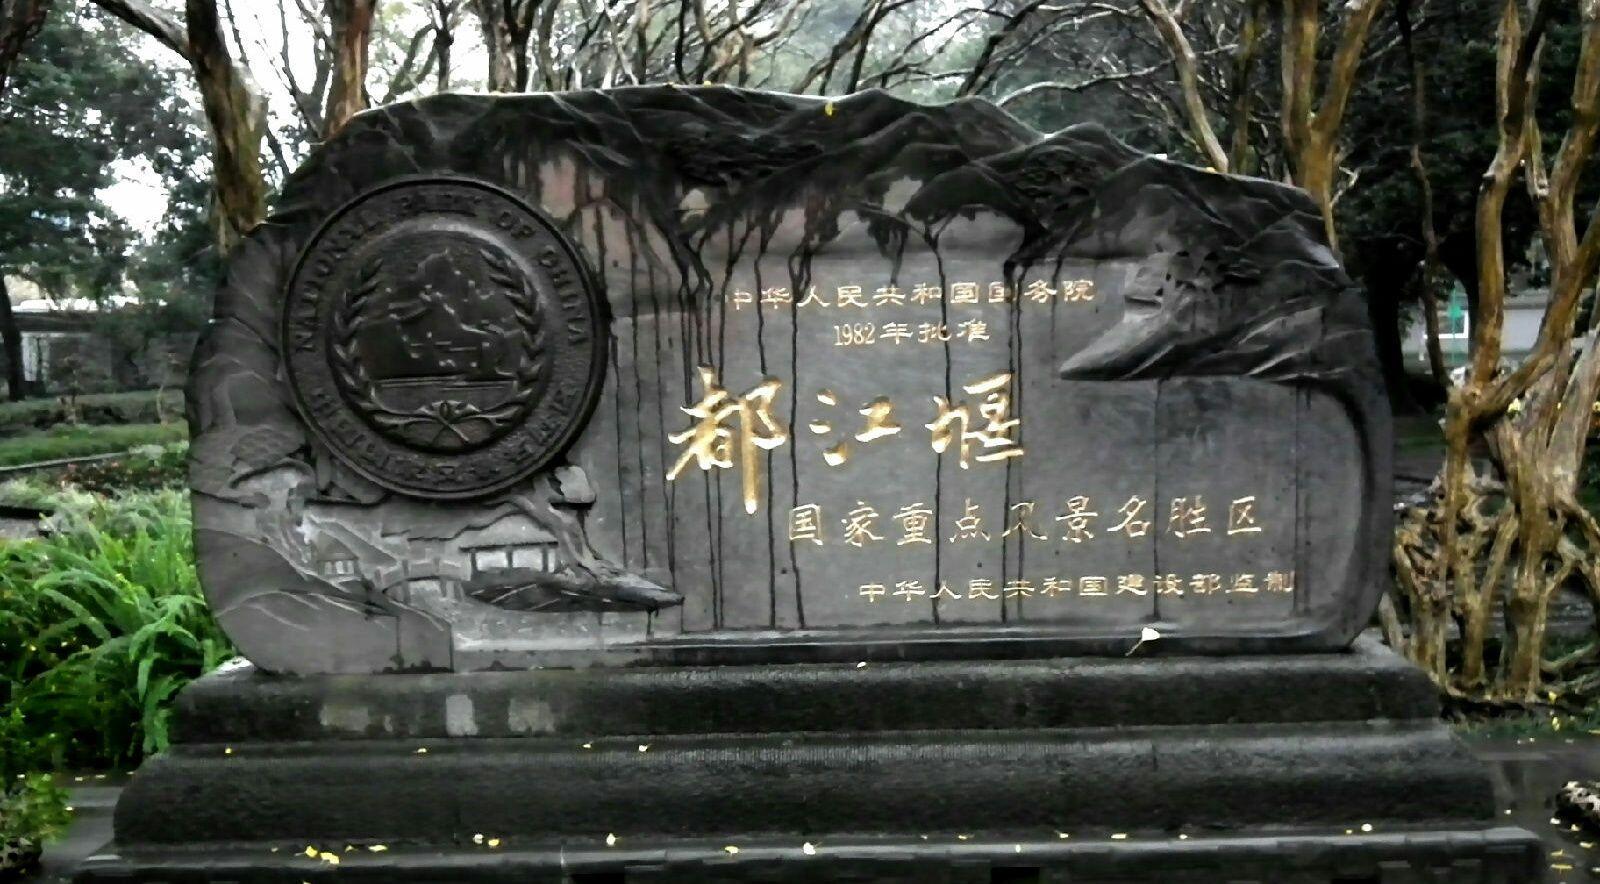 中国的世界遗产之一都江堰。全世界年代最久、仍在使用的水利工程